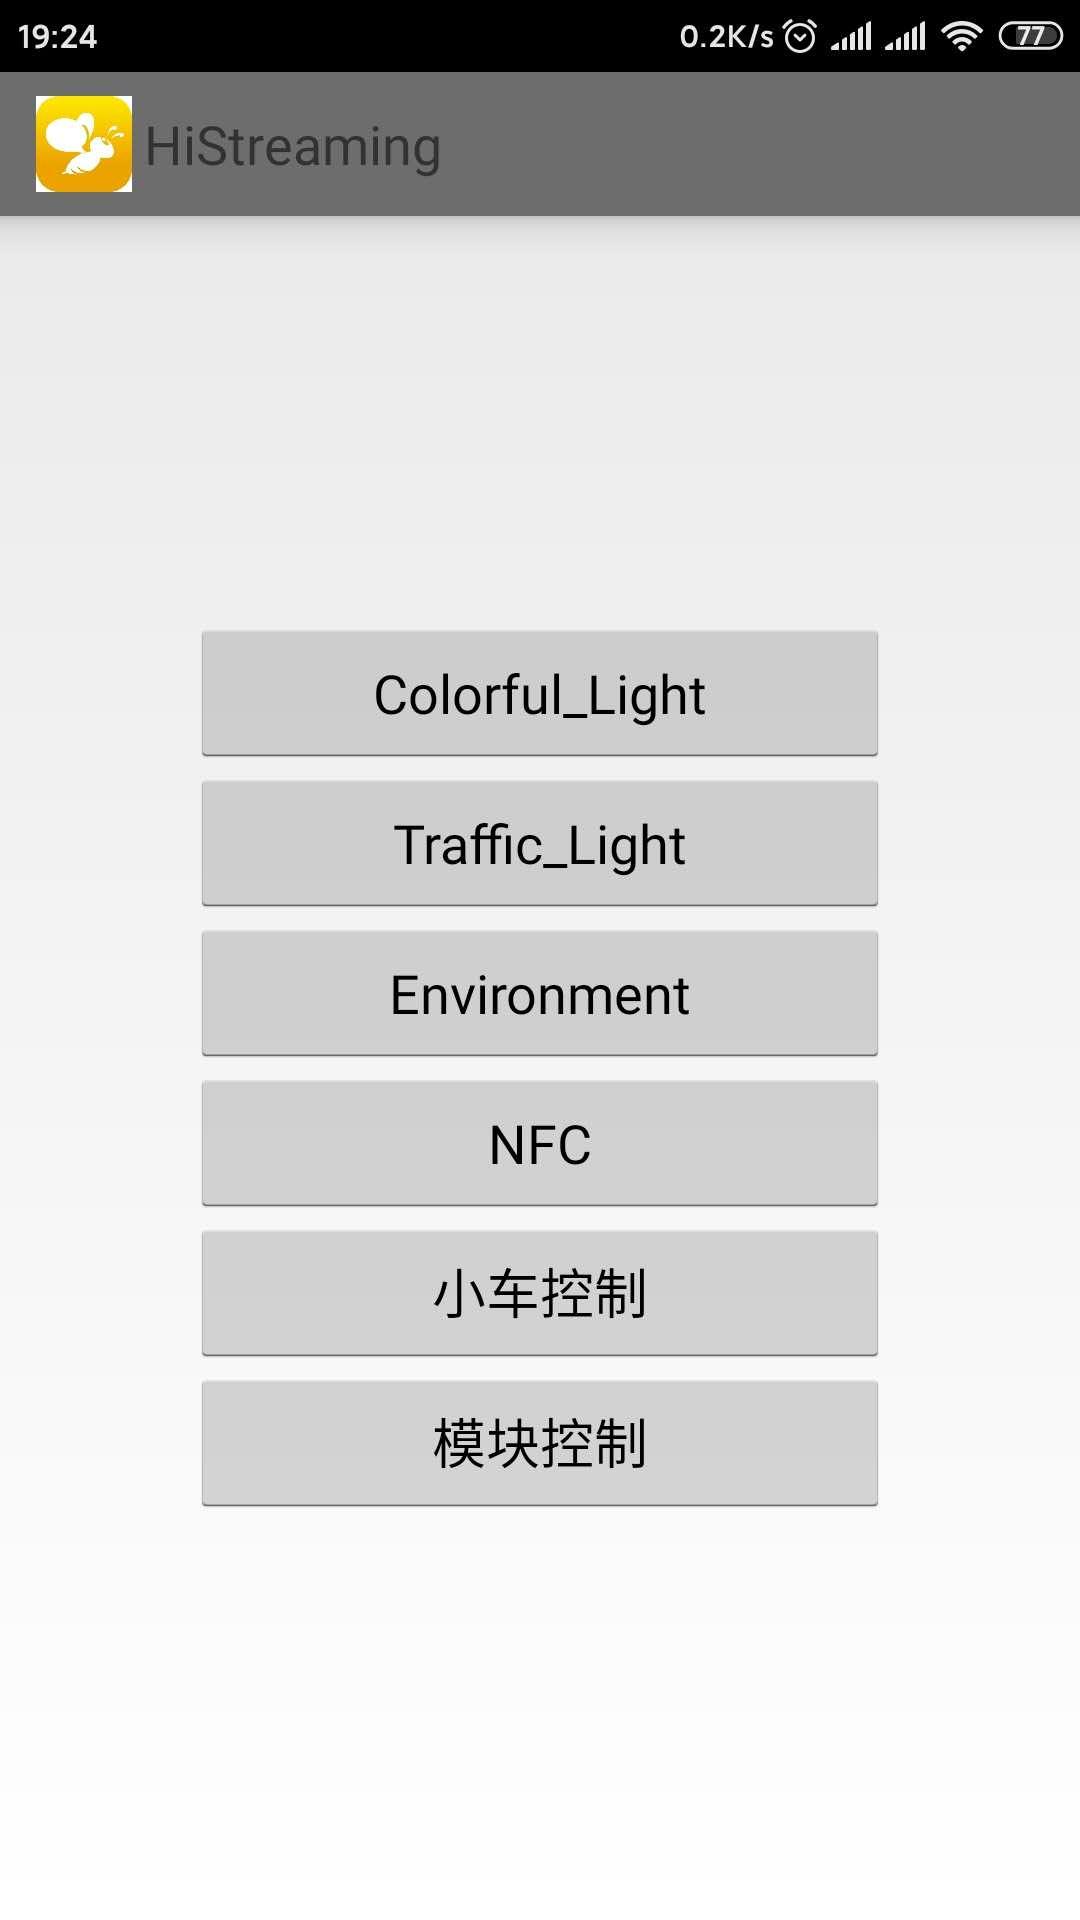 【开发板试用报告】体验官方固件程序